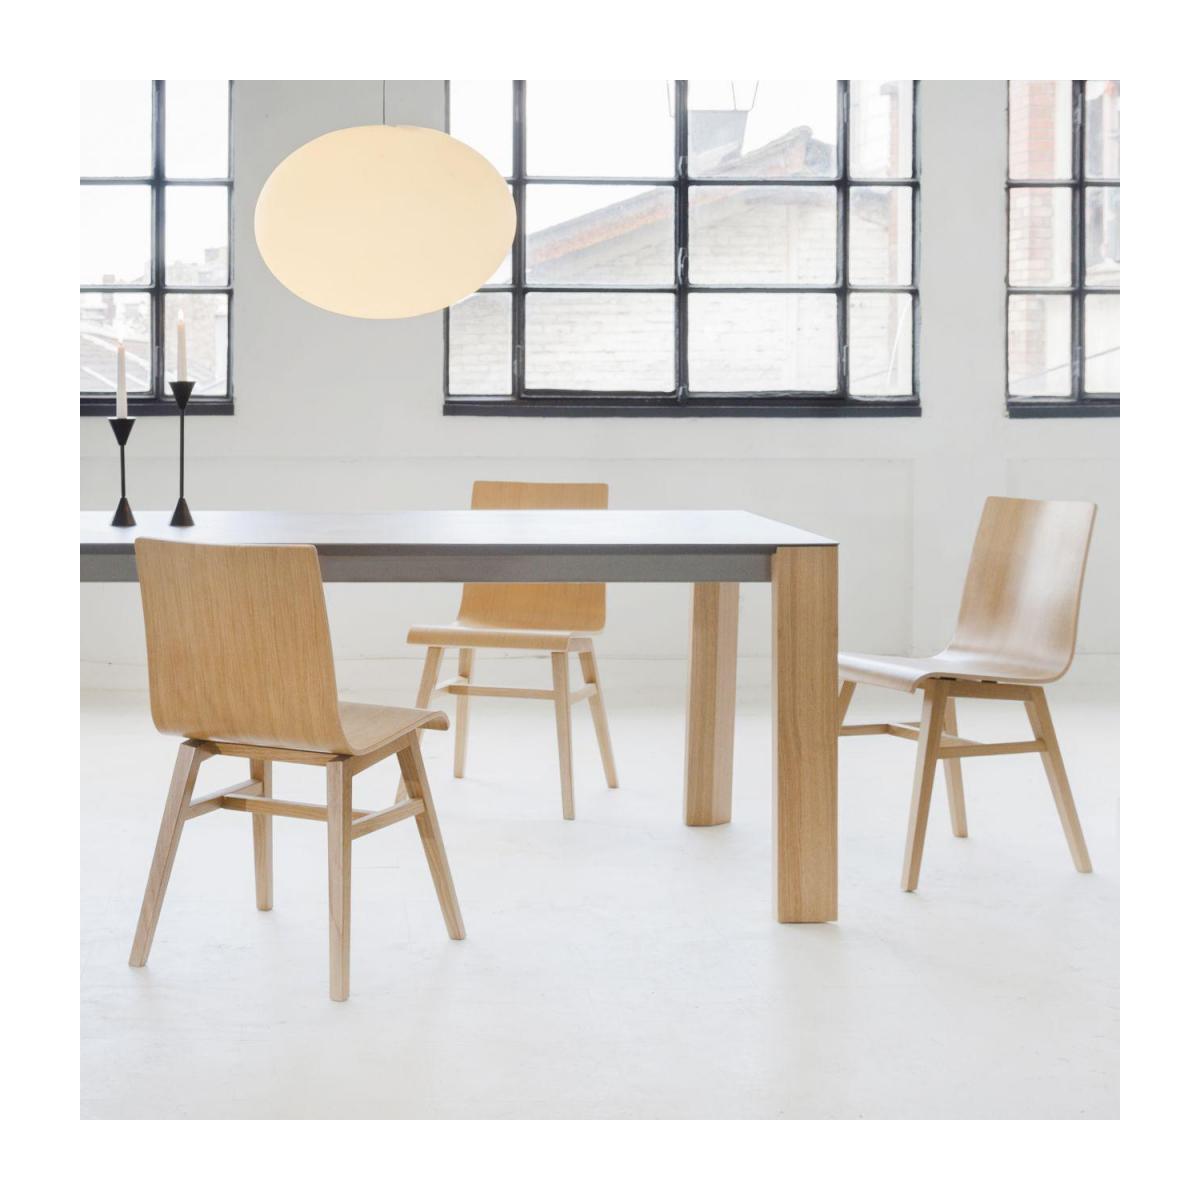 Full Size of Esstisch 120x80 Kleiner Tisch Küche Lampe Weiß Mit Baumkante Massiv Ausziehbar Ovaler Eiche Landhausstil Wildeiche Rustikaler Esstische Holz Shabby Stühle Esstische Kleiner Esstisch